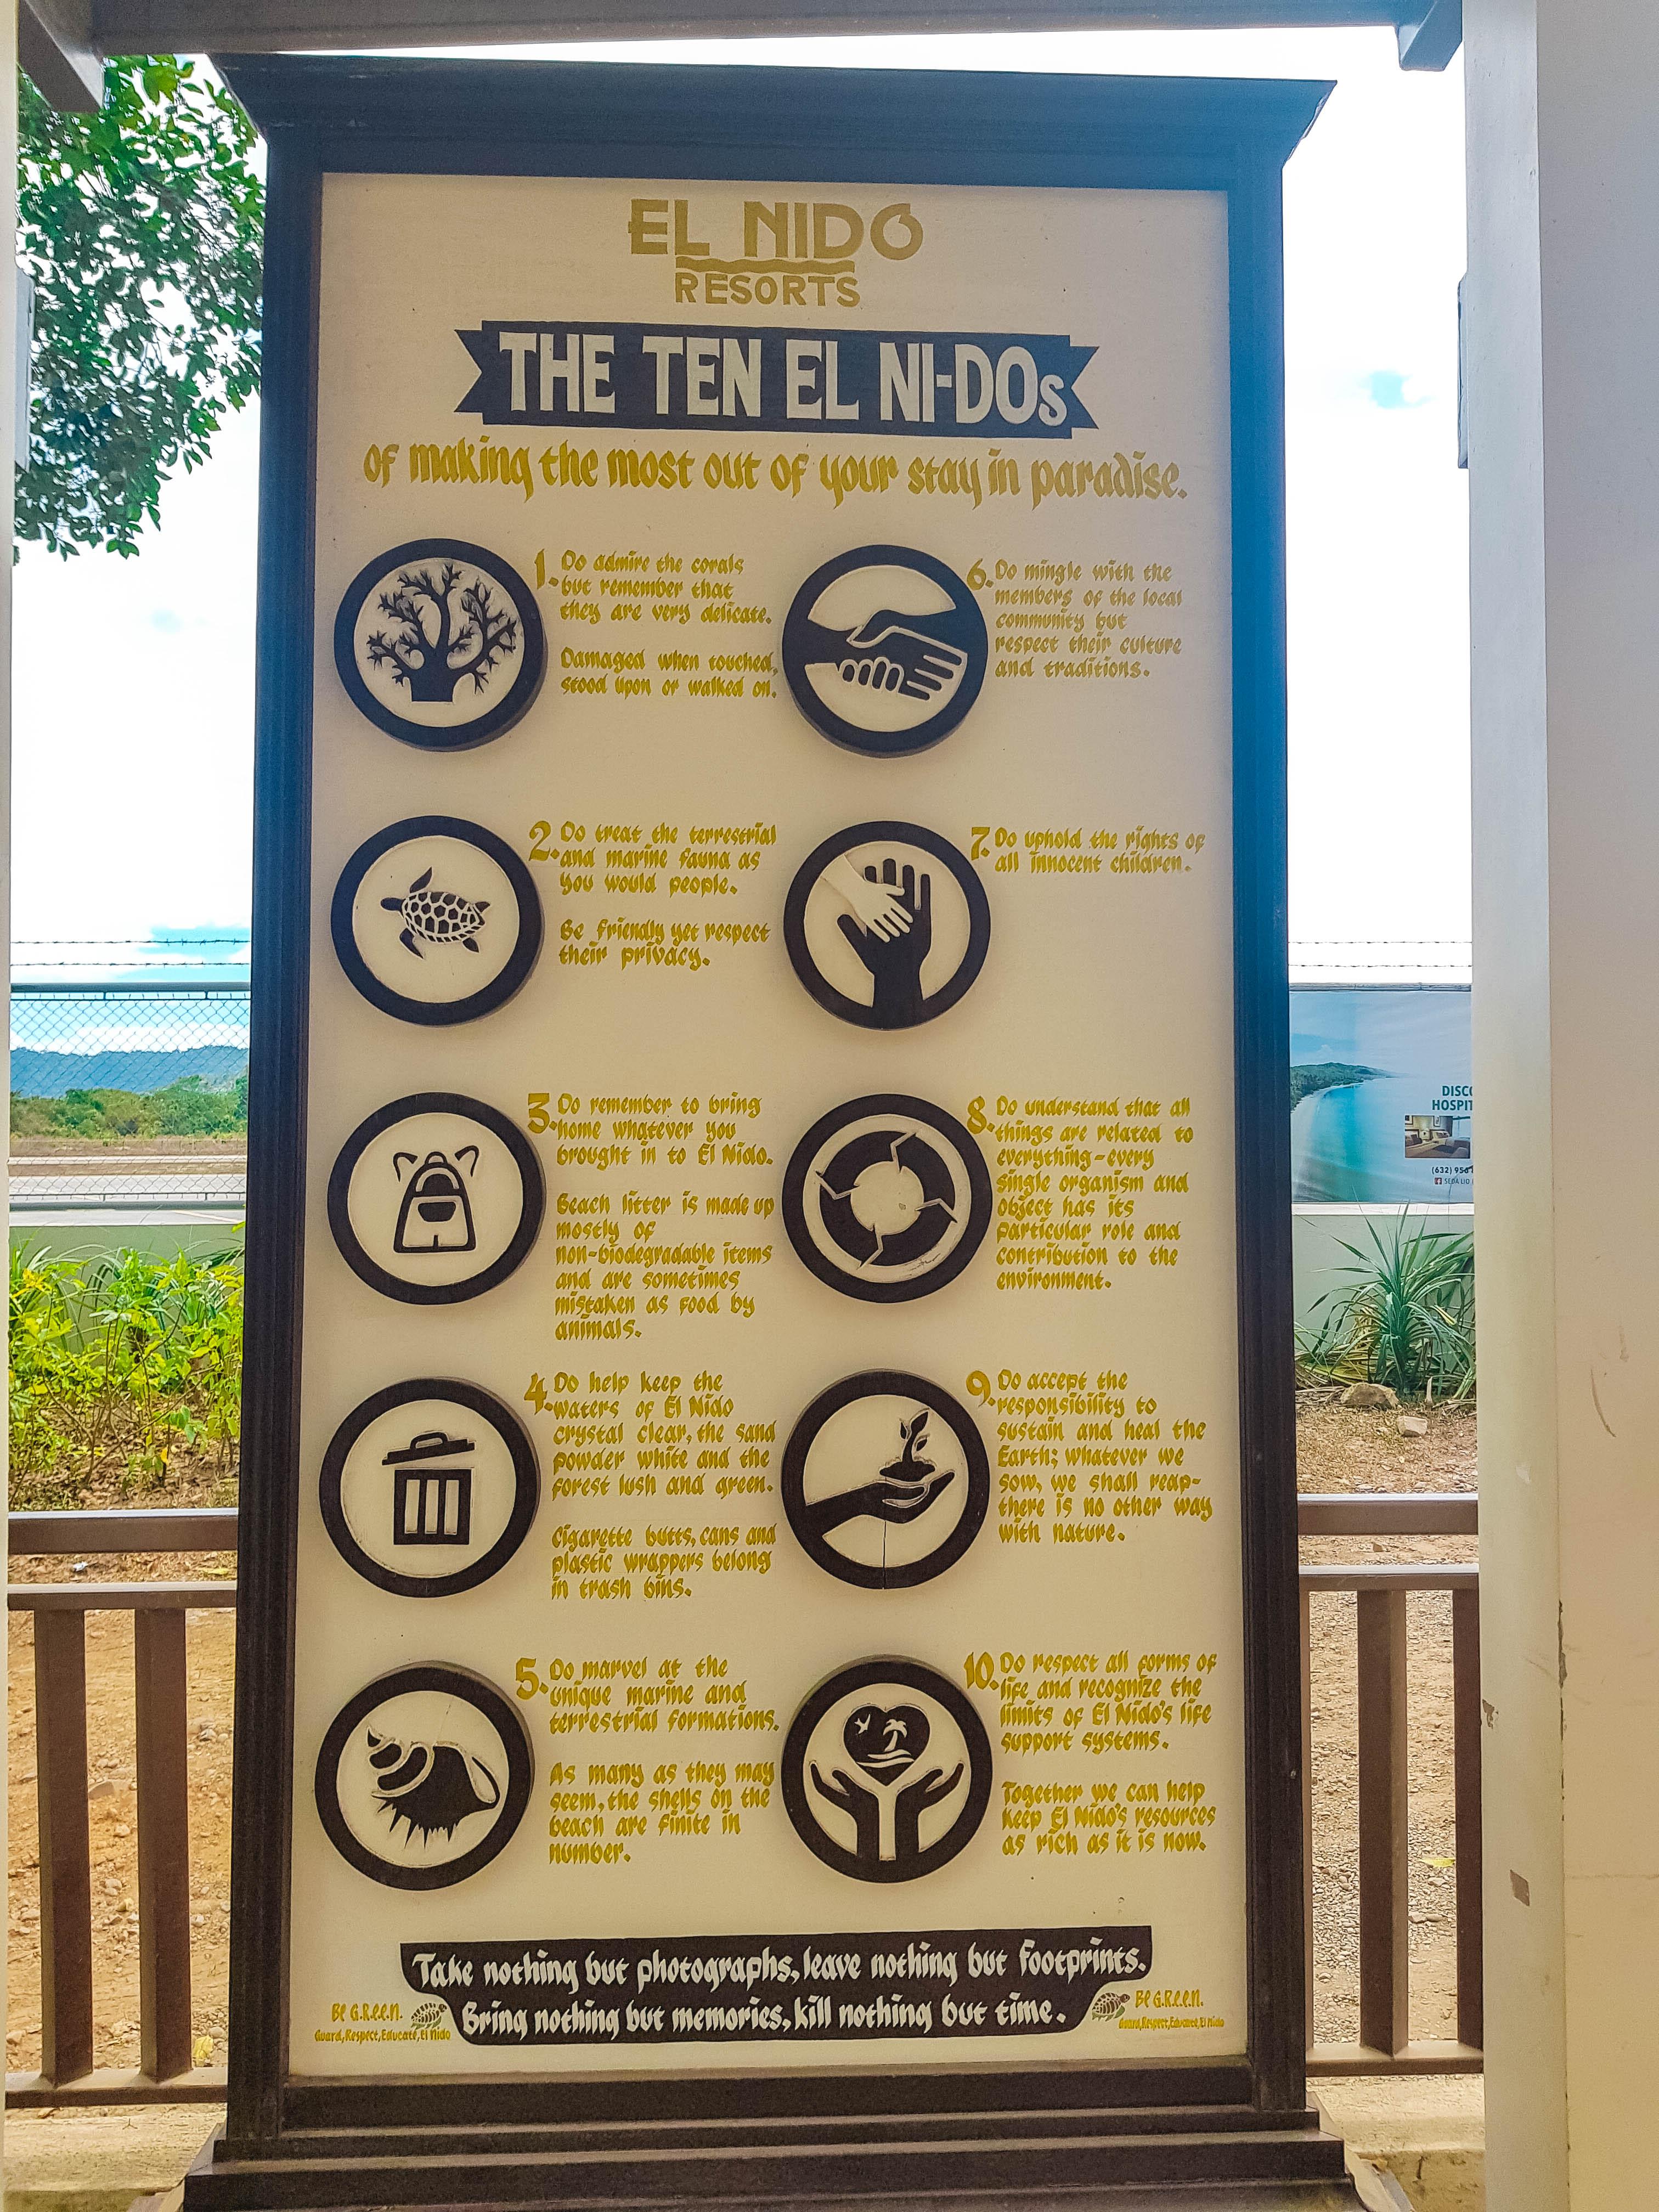 Info about El Nido